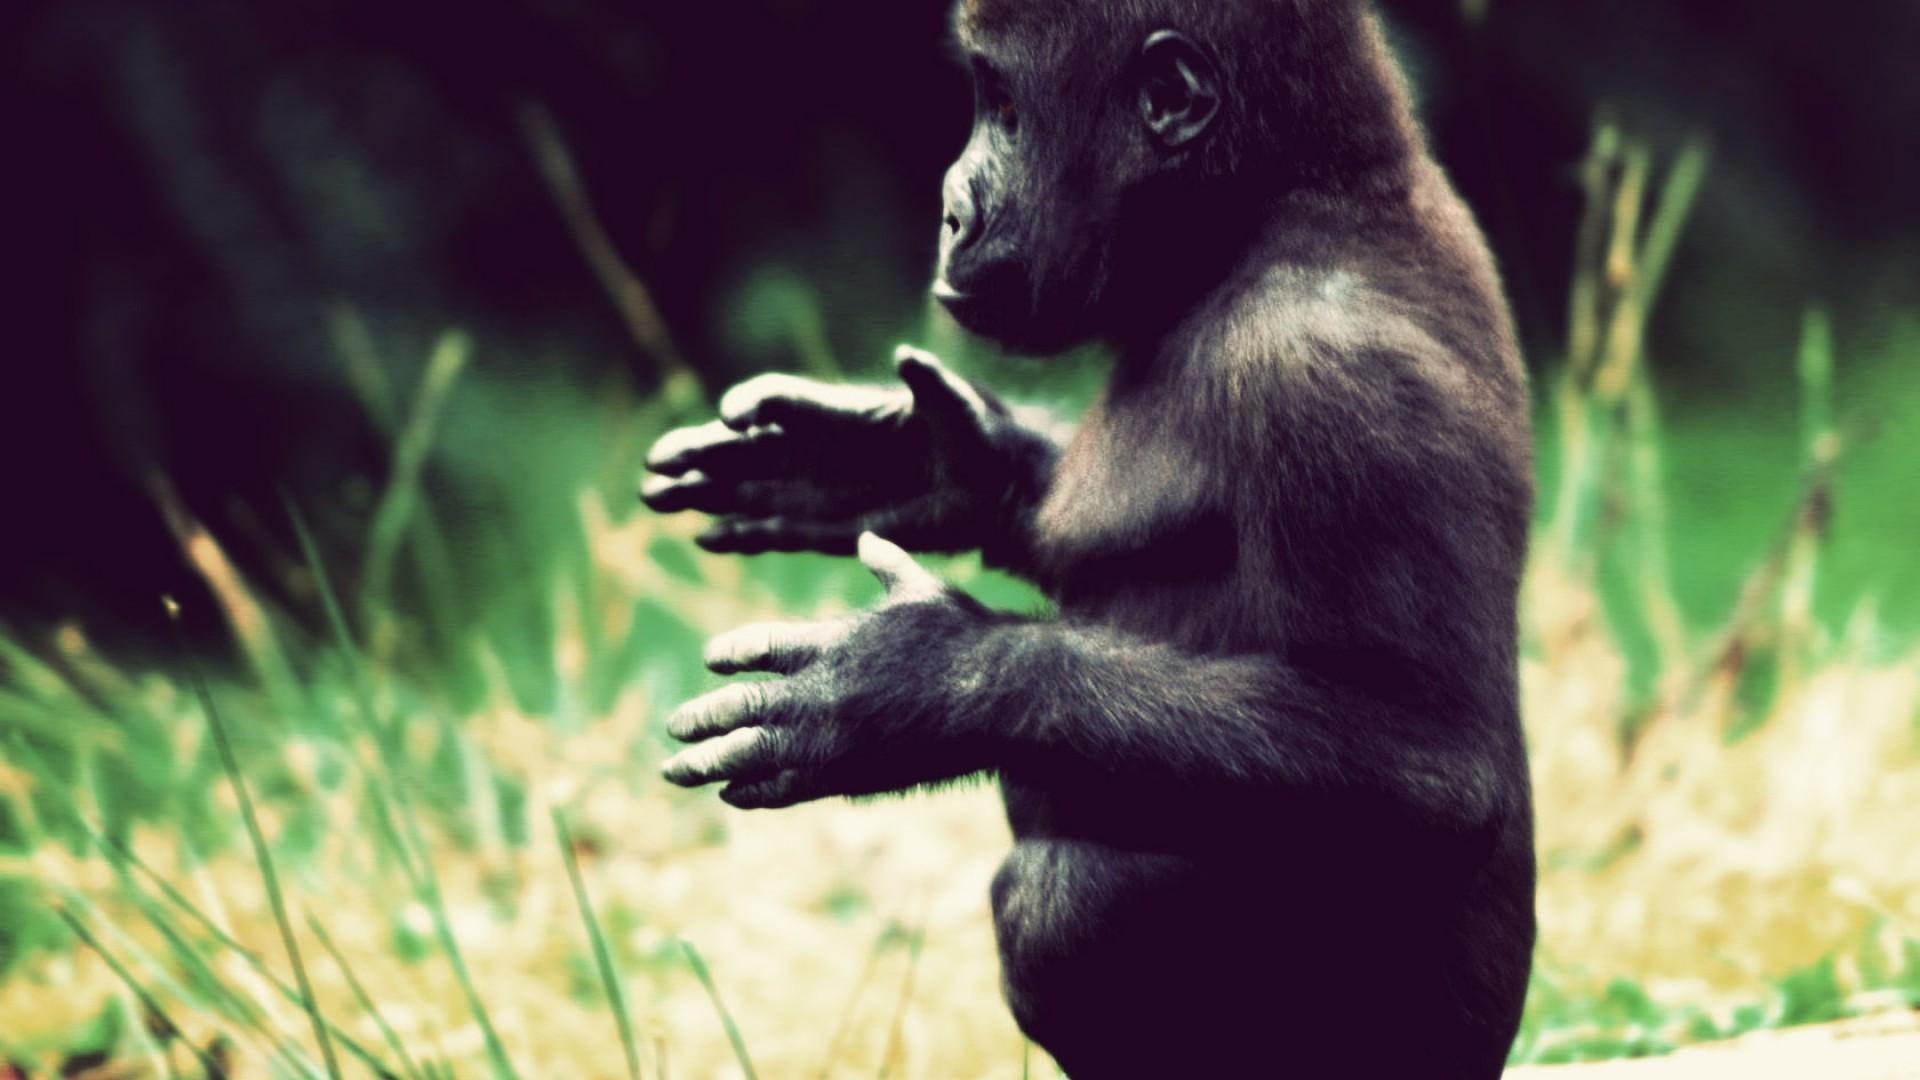 gorilla pic, gorillas